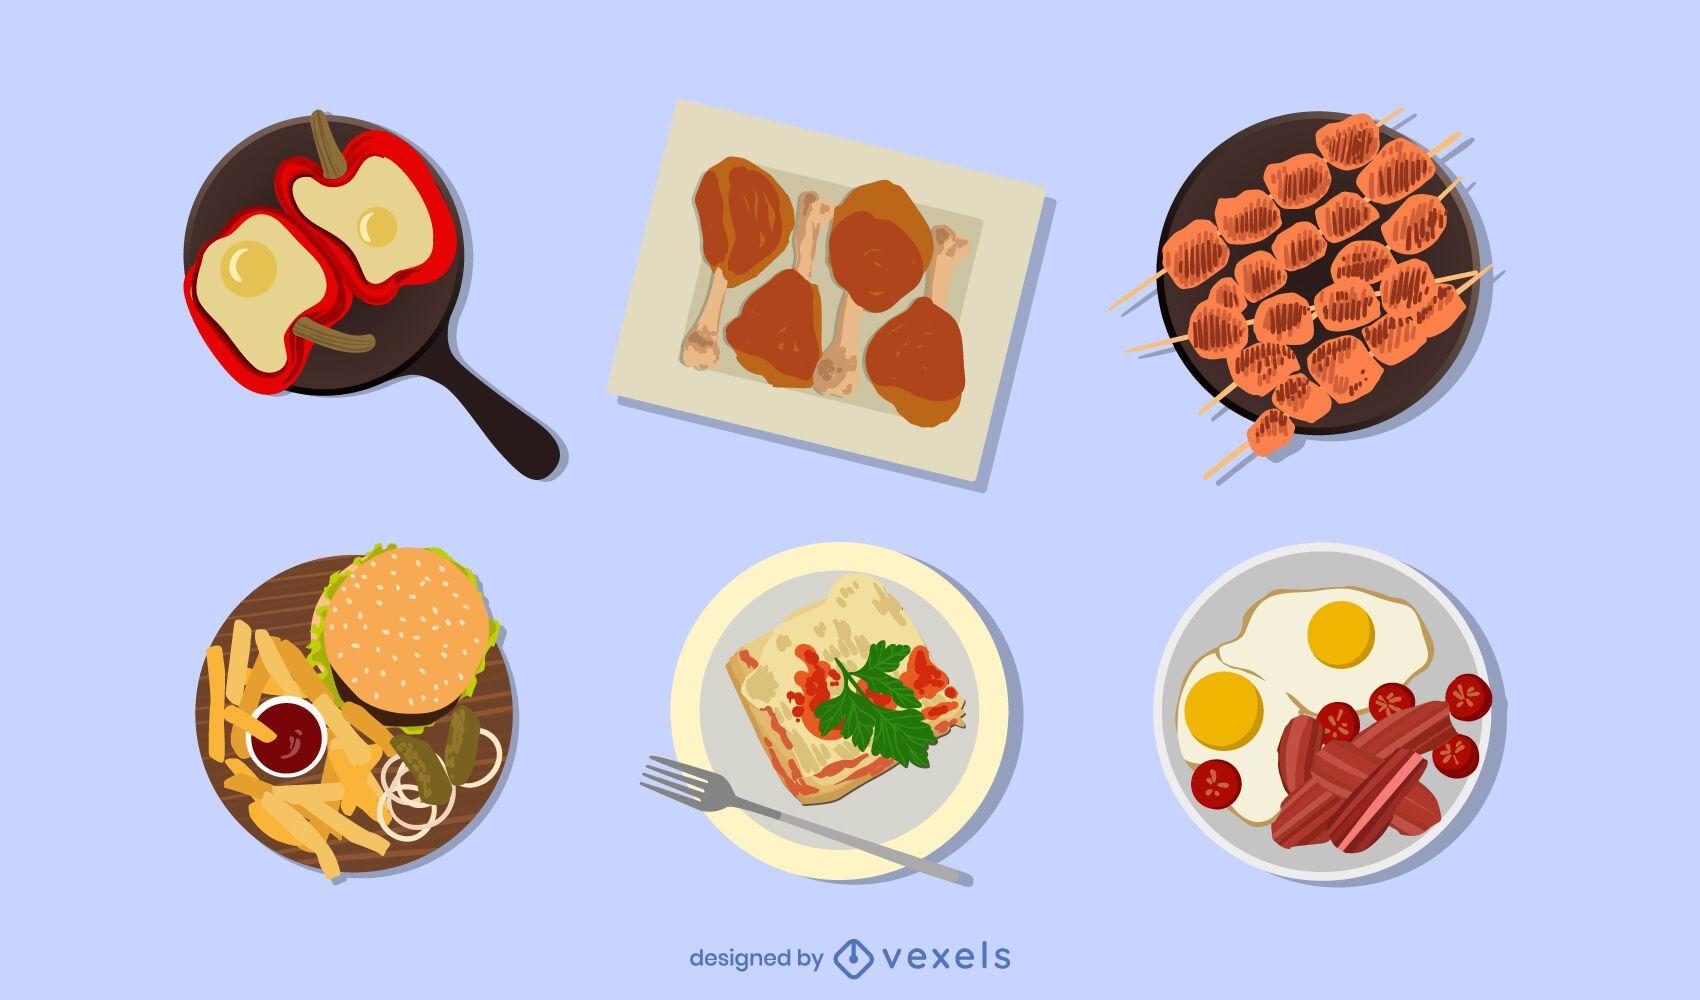 Animal source food illustration set